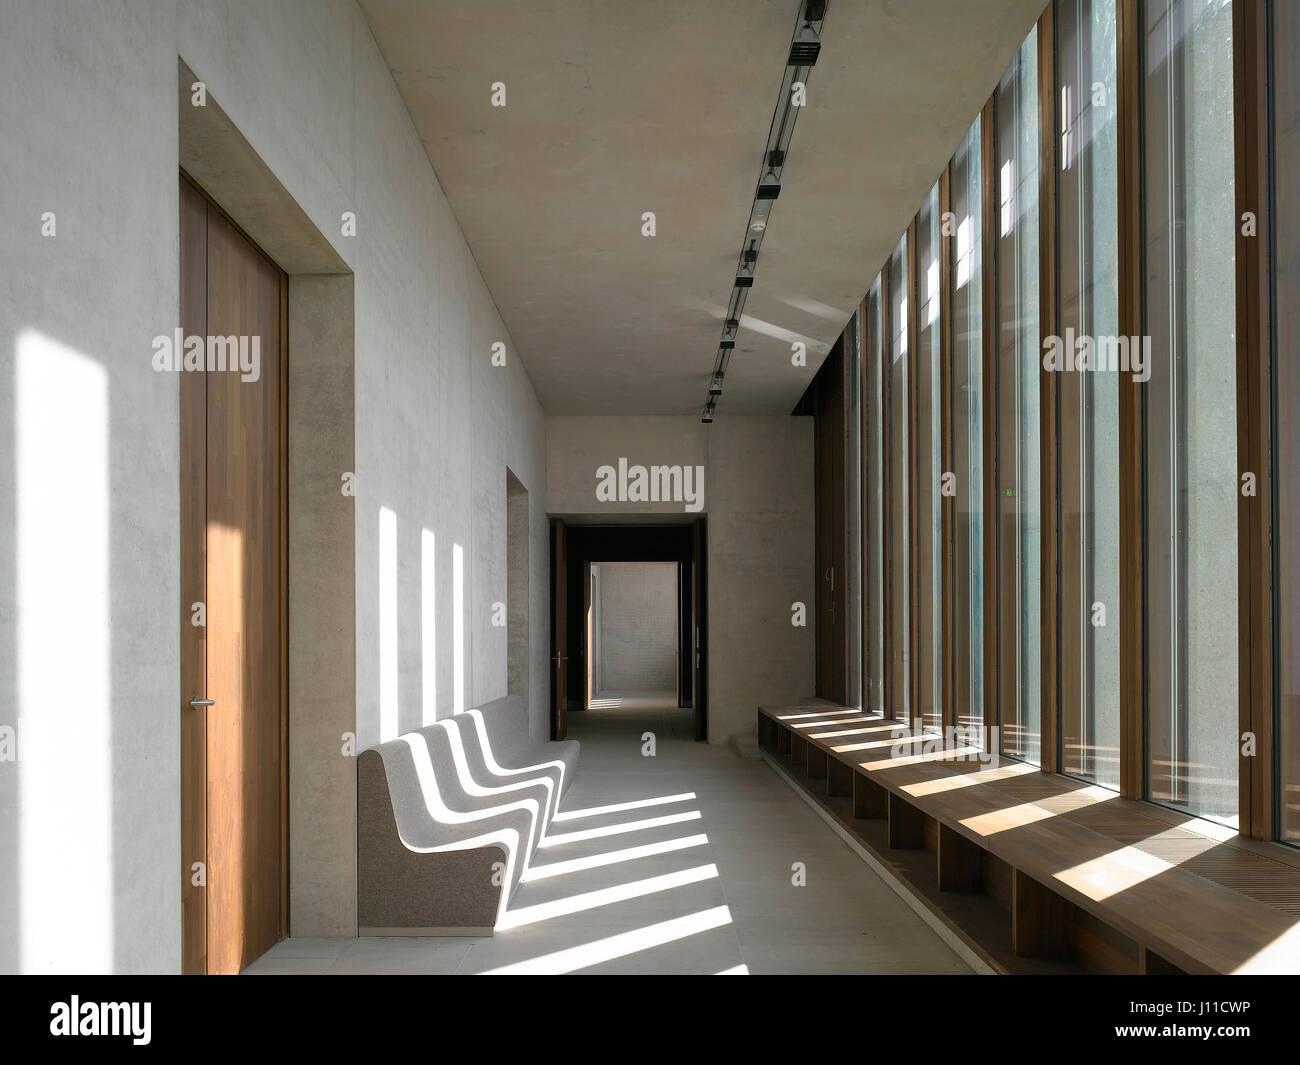 verglaste loggia mit tisch und sitzgelegenheiten am fenster literaturmuseum der moderne. Black Bedroom Furniture Sets. Home Design Ideas